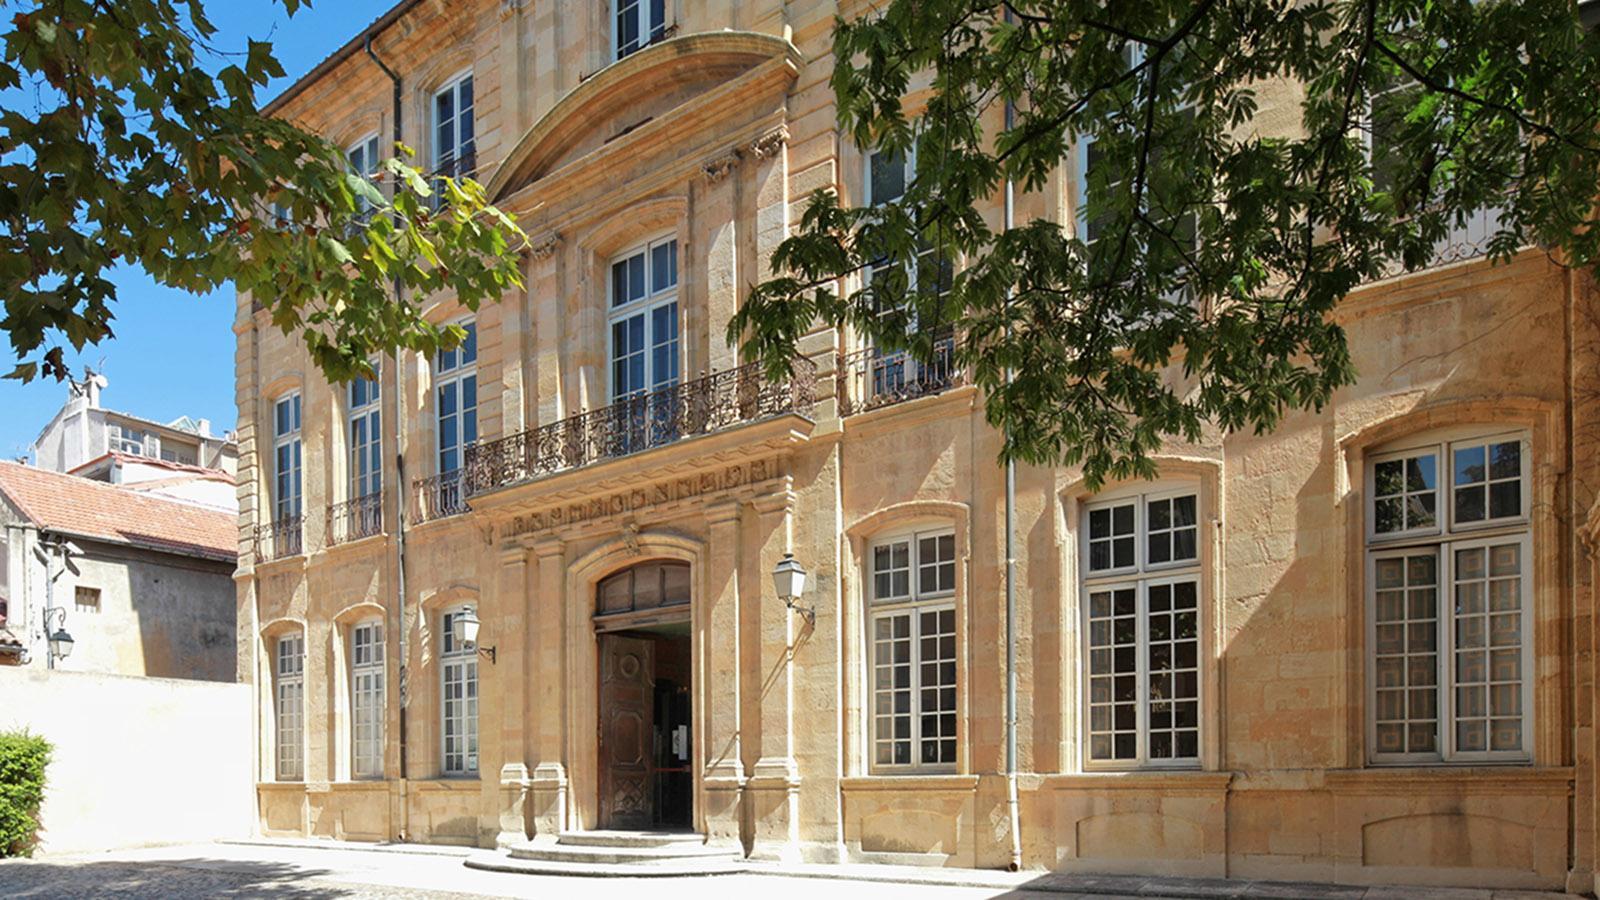 Hôtel Caumont. Foto: Pressebild Office de Tourisme d'Aix/C. Michel